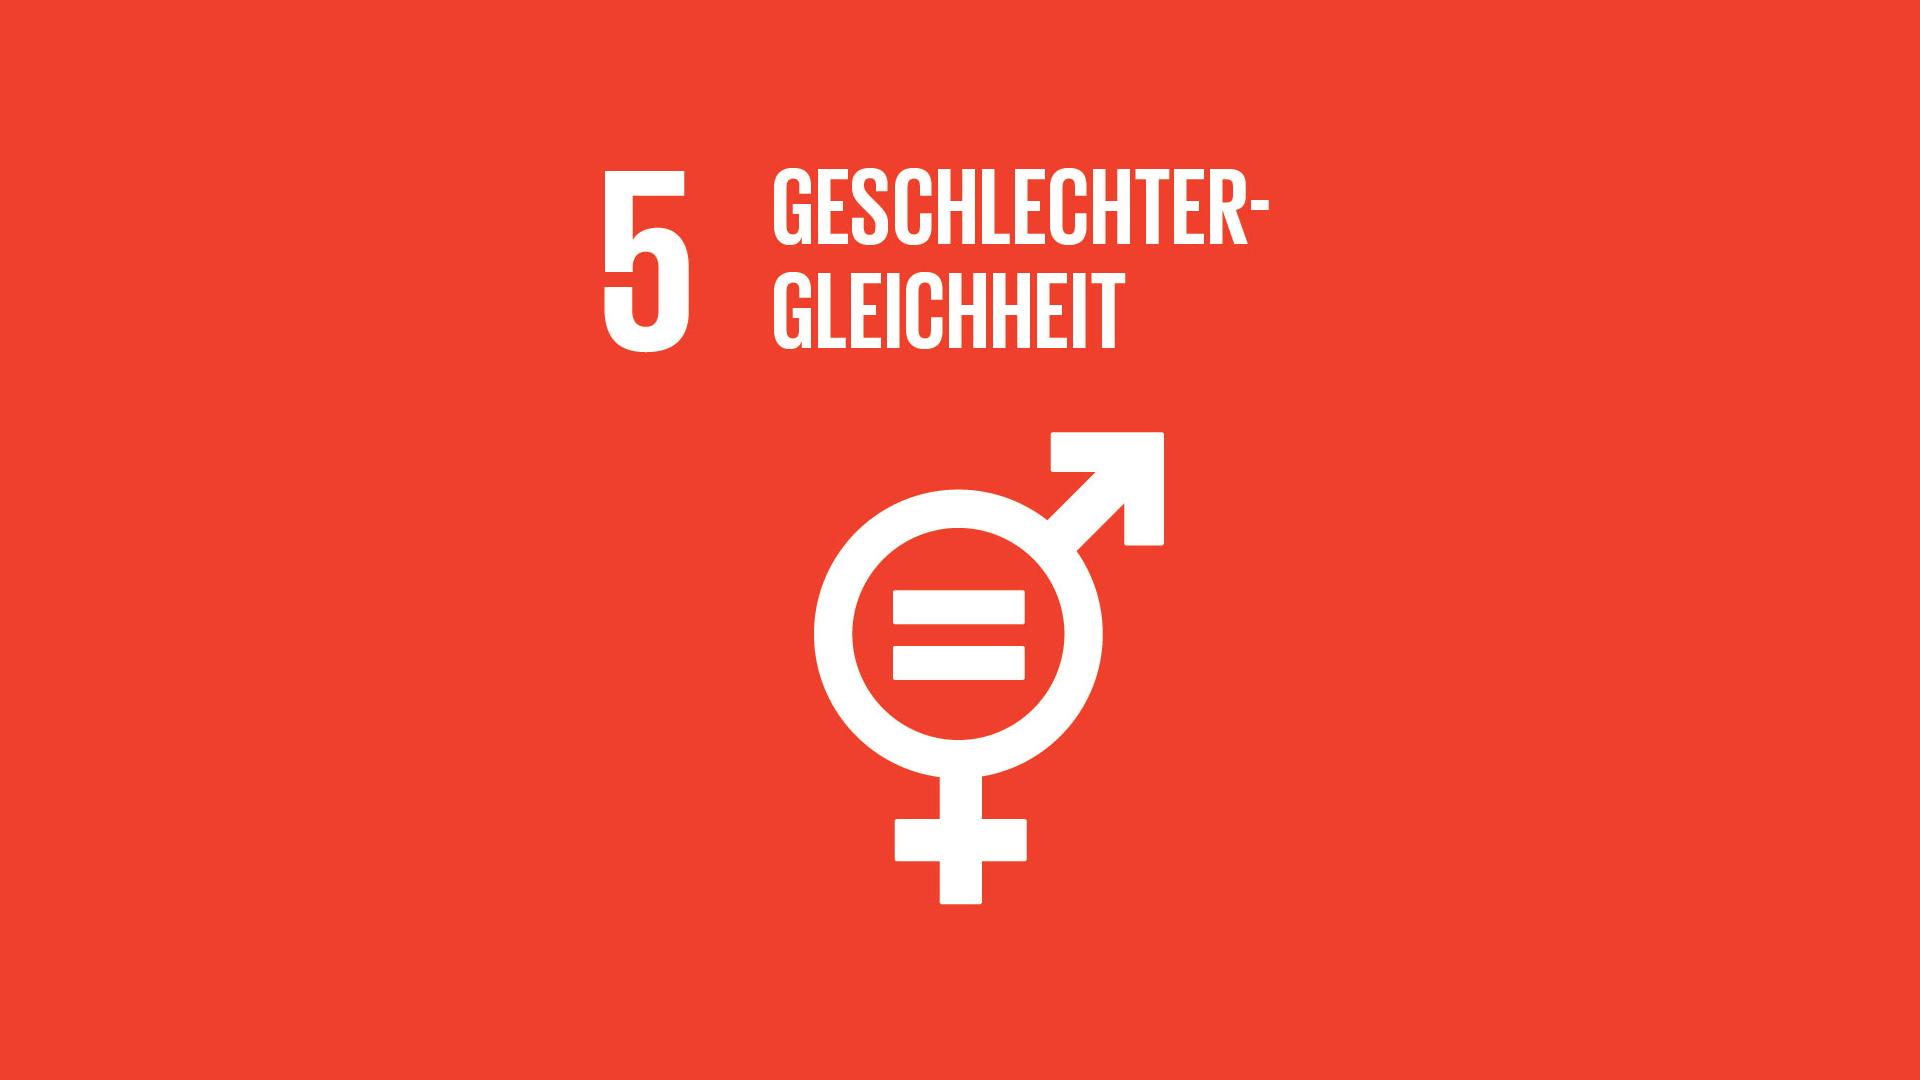 SDG 5: Geschlechtergleichheit